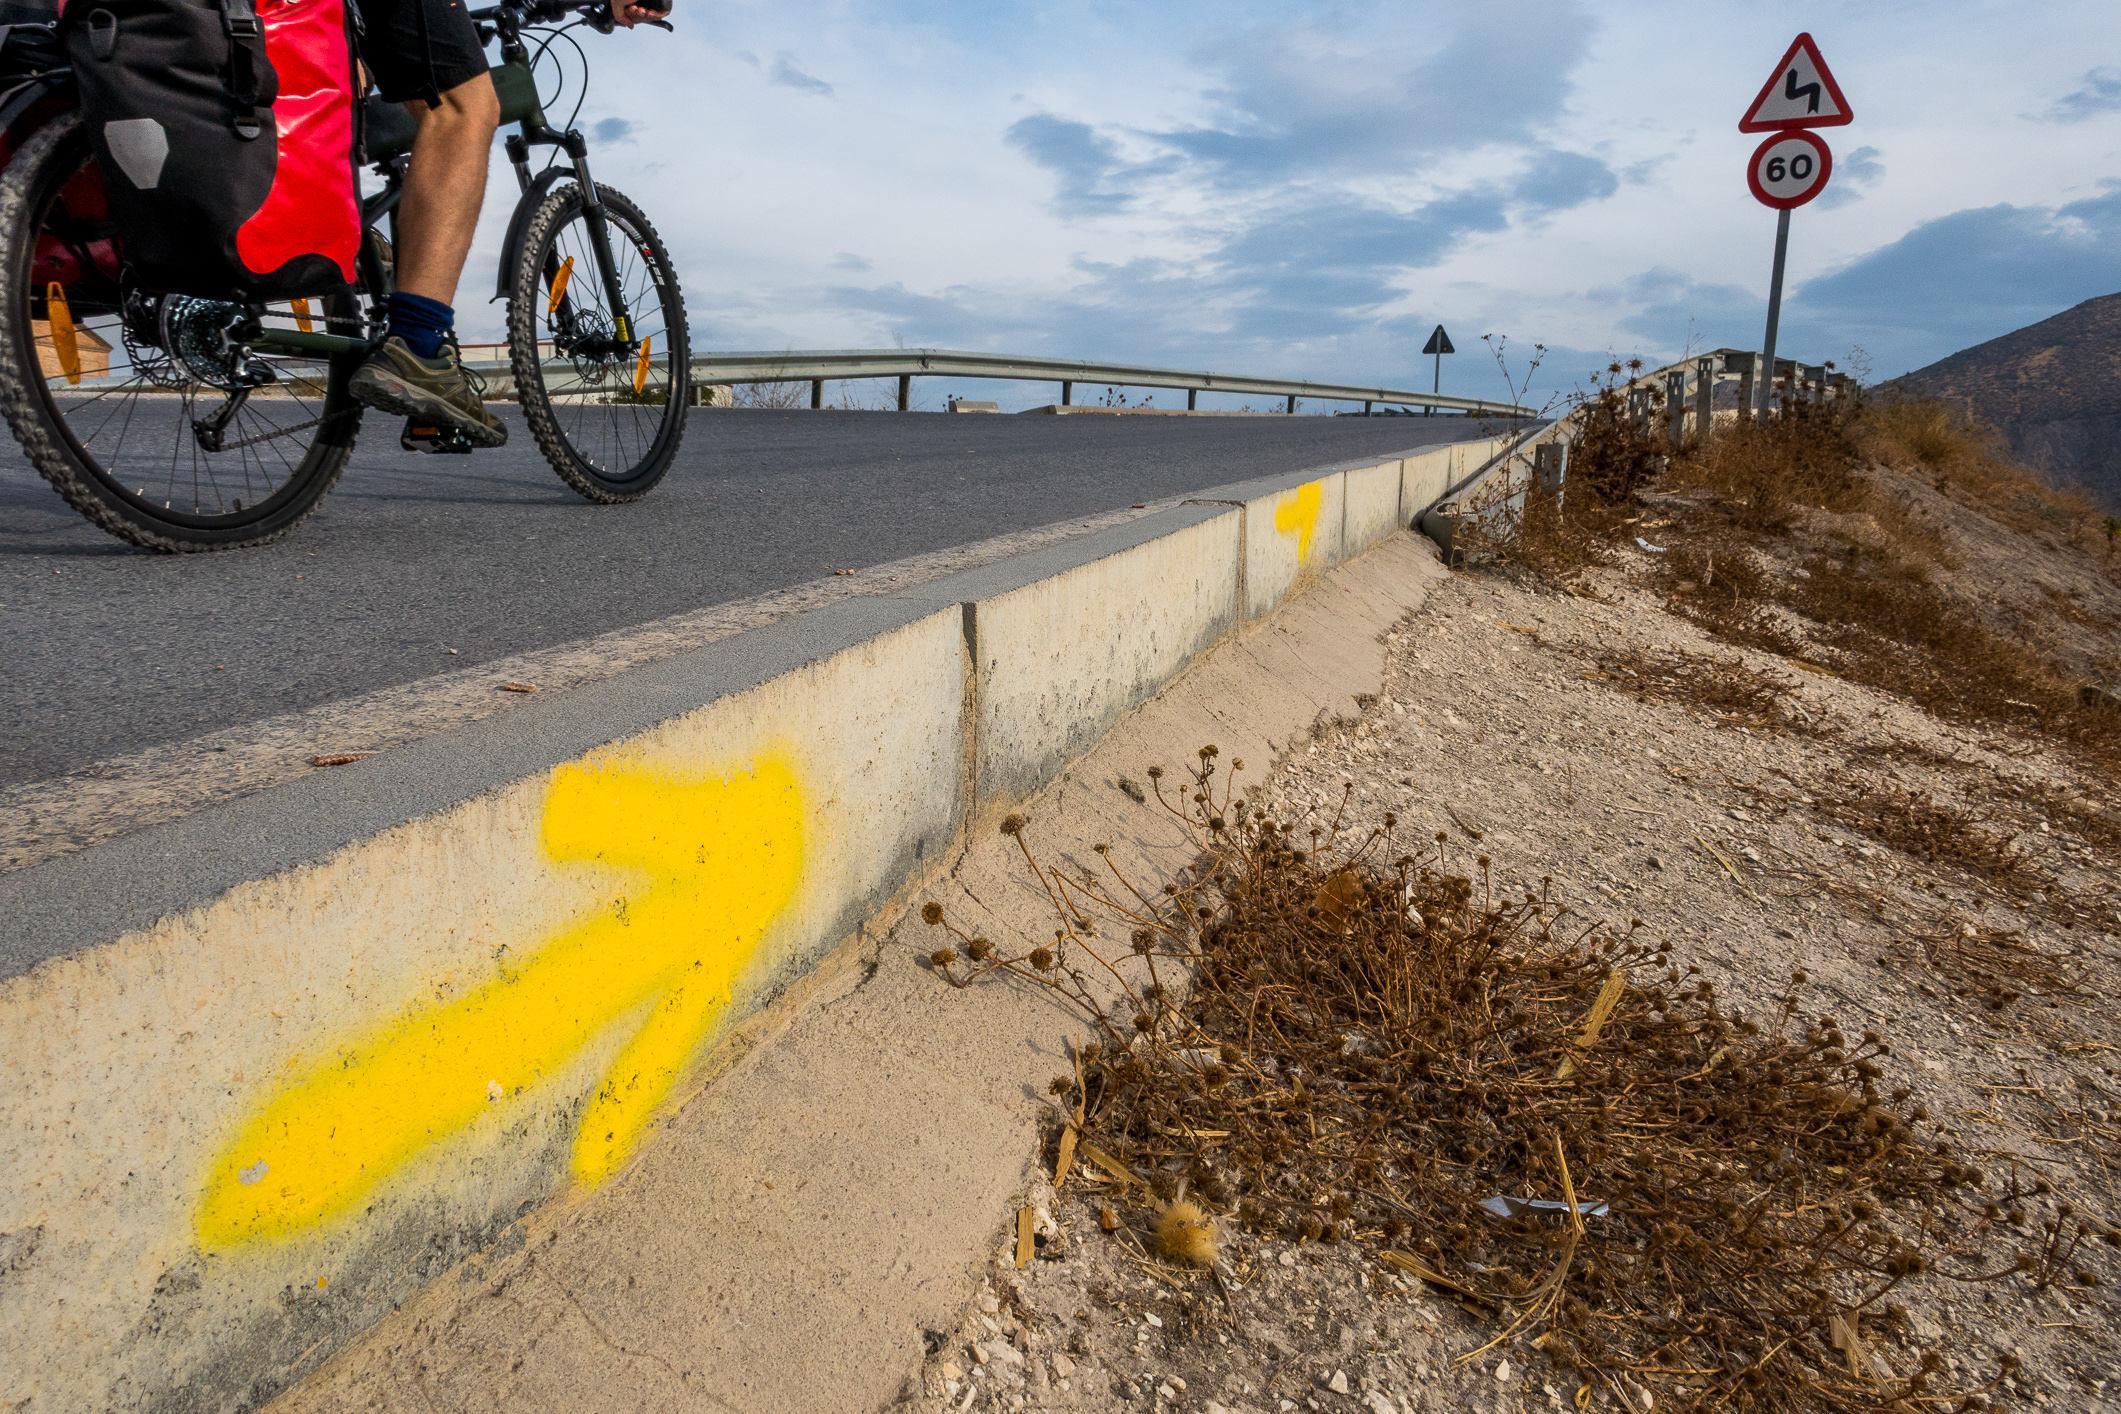 Die gesamte Strecke ist hervorragend mit den typischen gelben Pfeilen markiert.